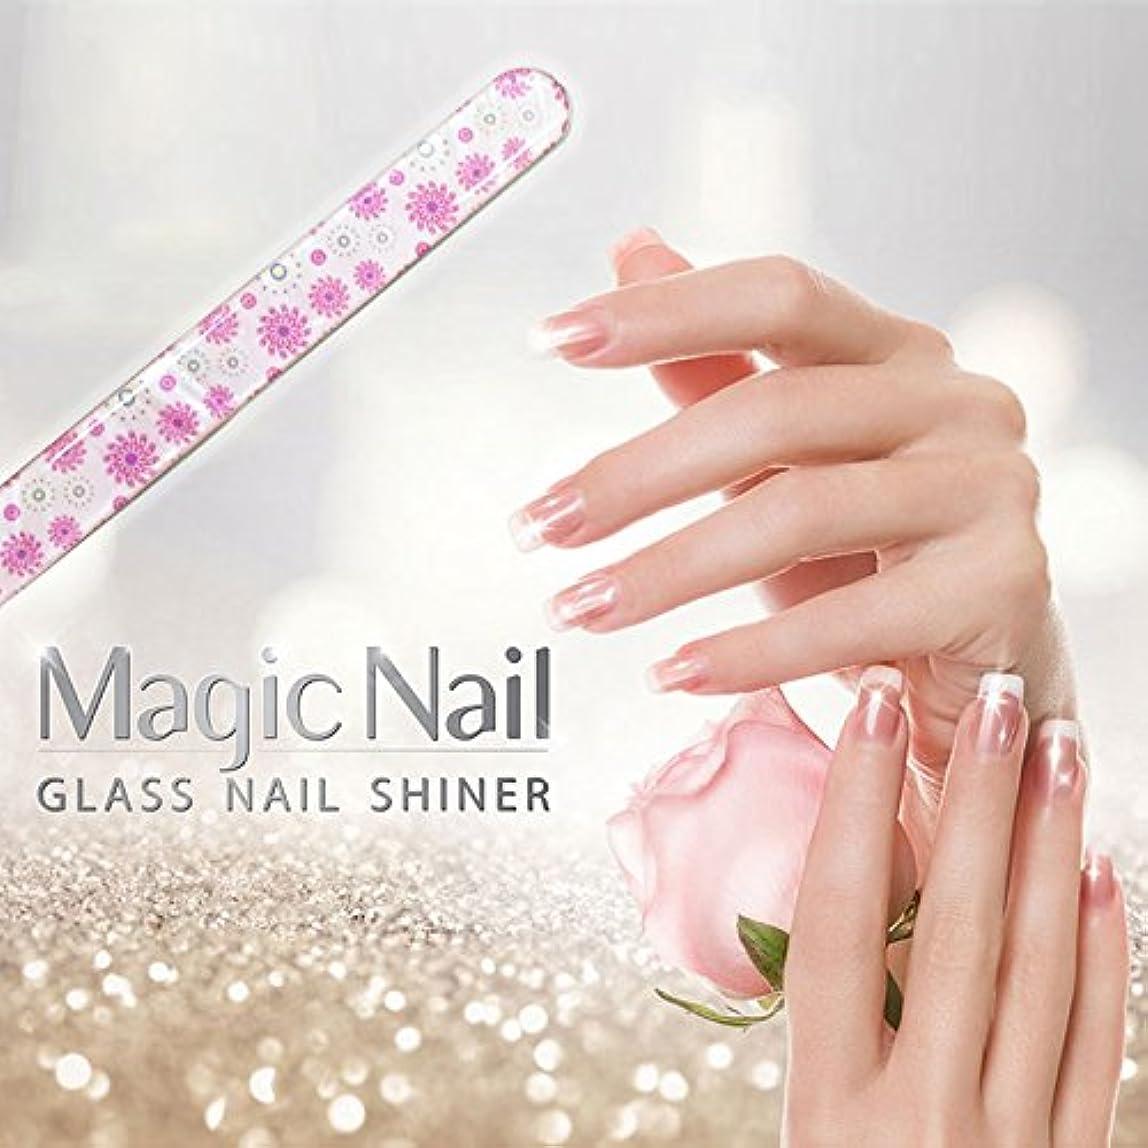 アプライアンス大佐メダリストエッサンテ(Essante) マジックネイル magic nail マニキュアを塗ったようなツヤ、輝きが家で誰でも簡単に出来る glass nail shiner ガラスネイルシャイナー おしゃれなデザイン つめやすり ...